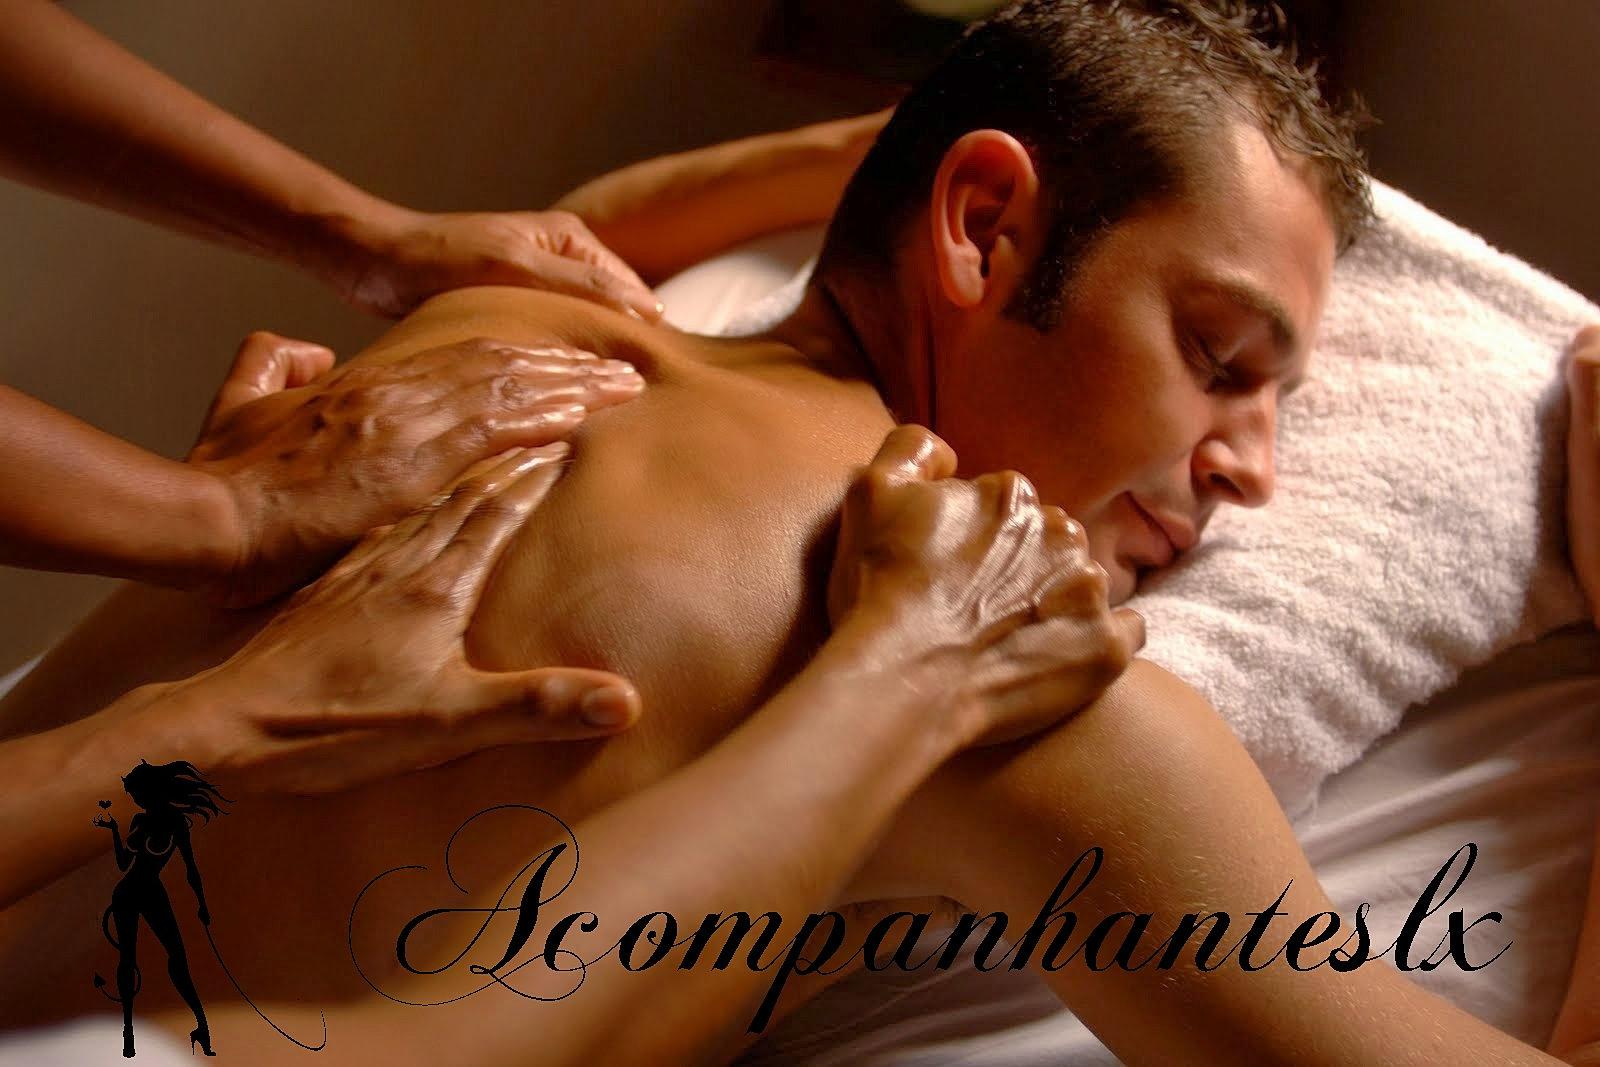 Эротический массаж энгельса 19 фотография